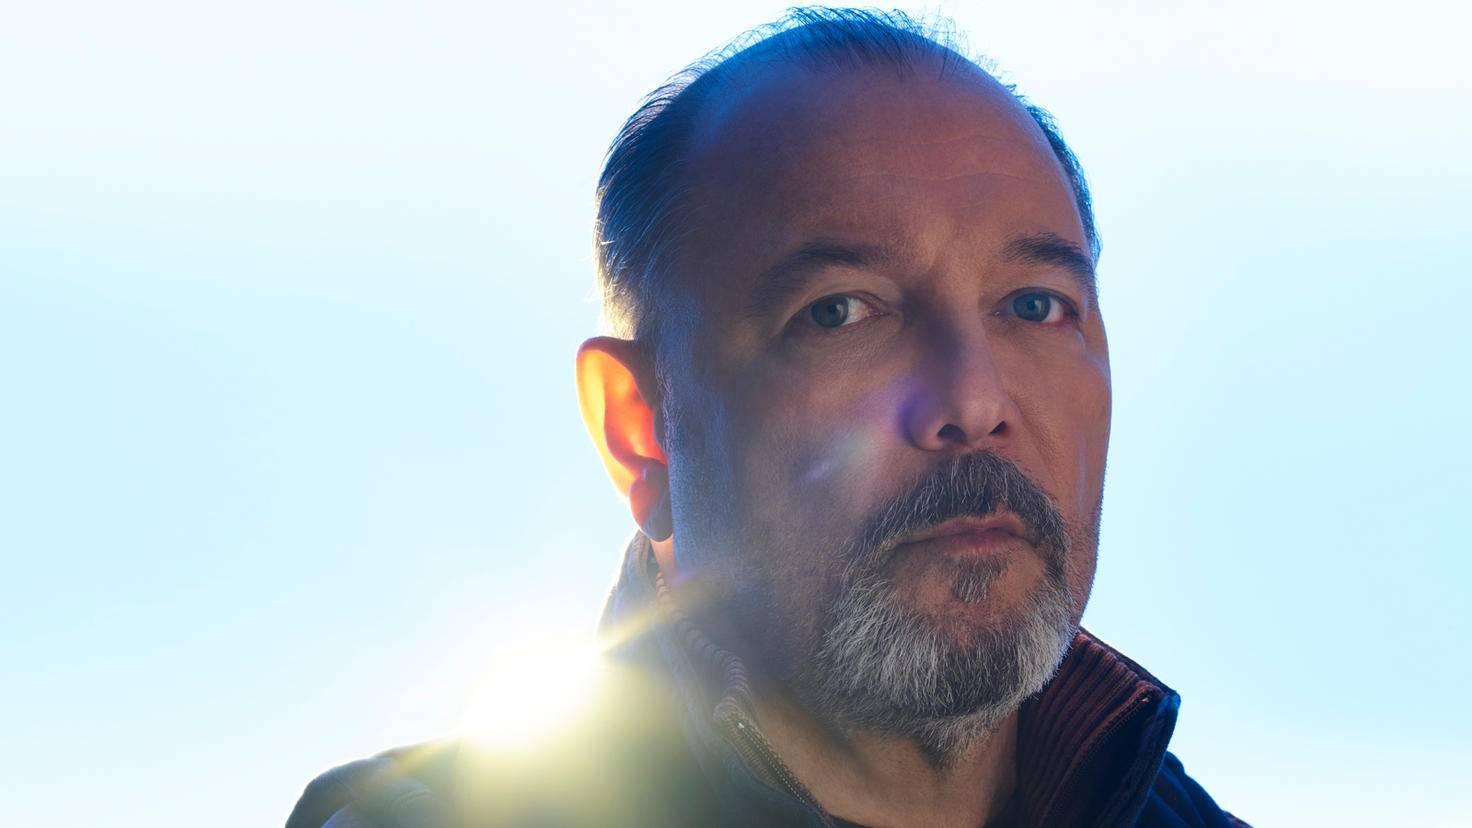 """Offenbar gibt es in Staffel 3 von """"Fear the Walking Dead"""" ein Wiedersehen mit Daniel Salazar (Rubén Blades)."""